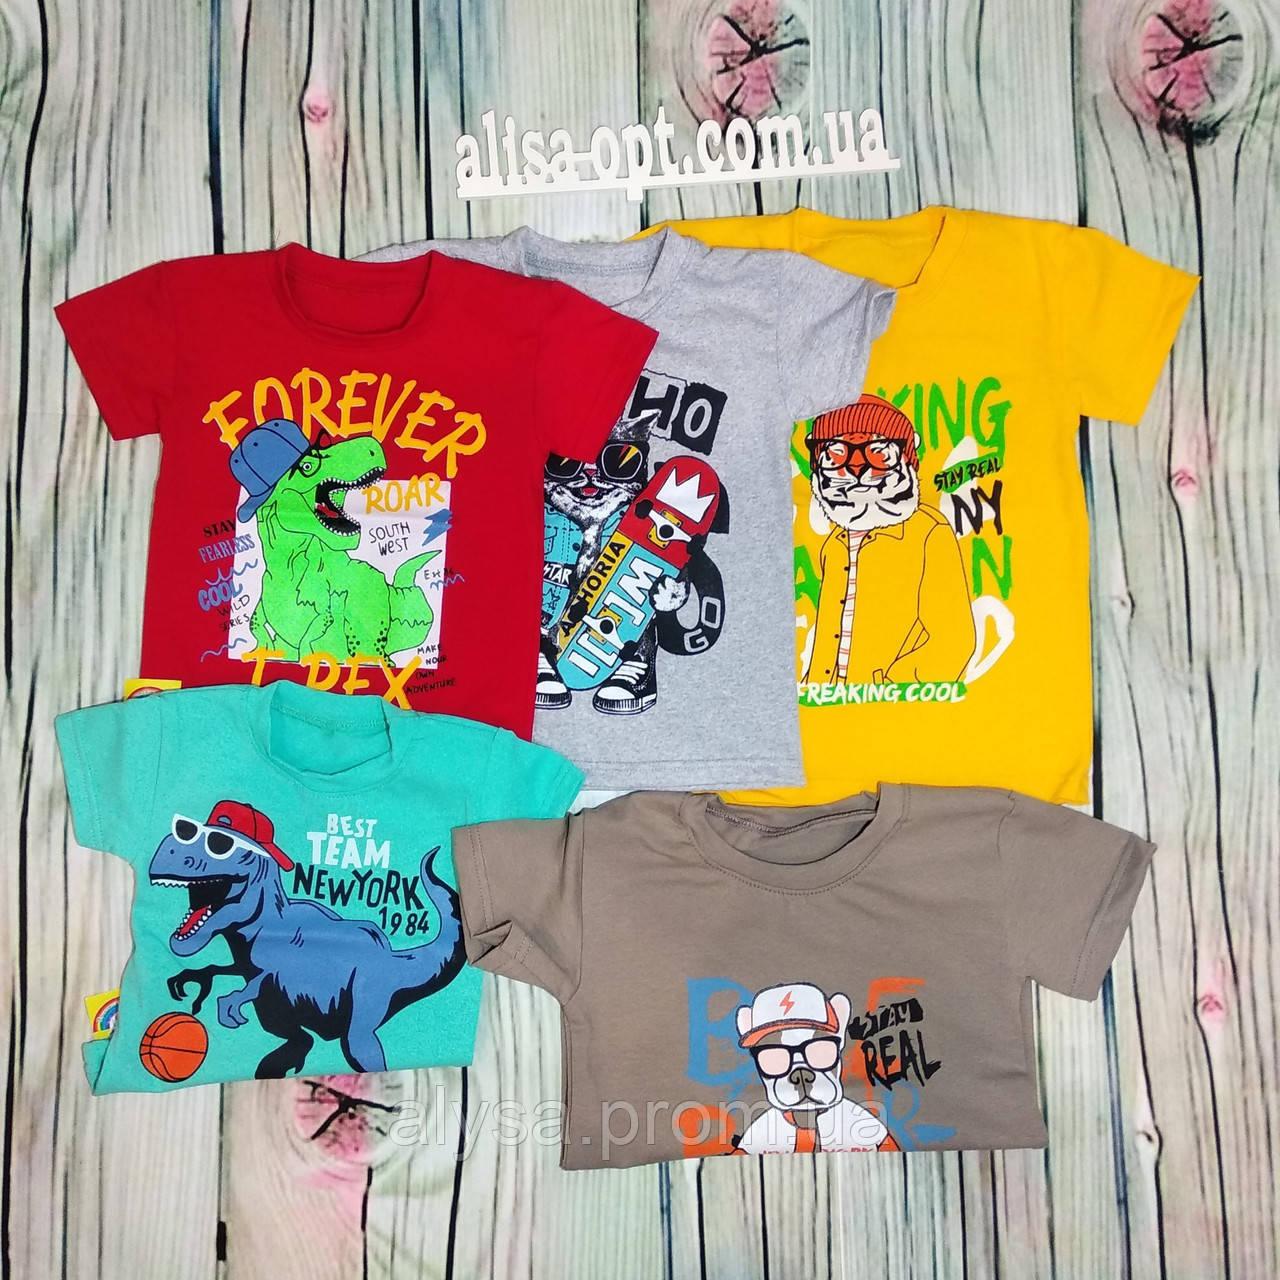 """Детская футболка """"Мышка"""" для мальчика (фулликра)"""